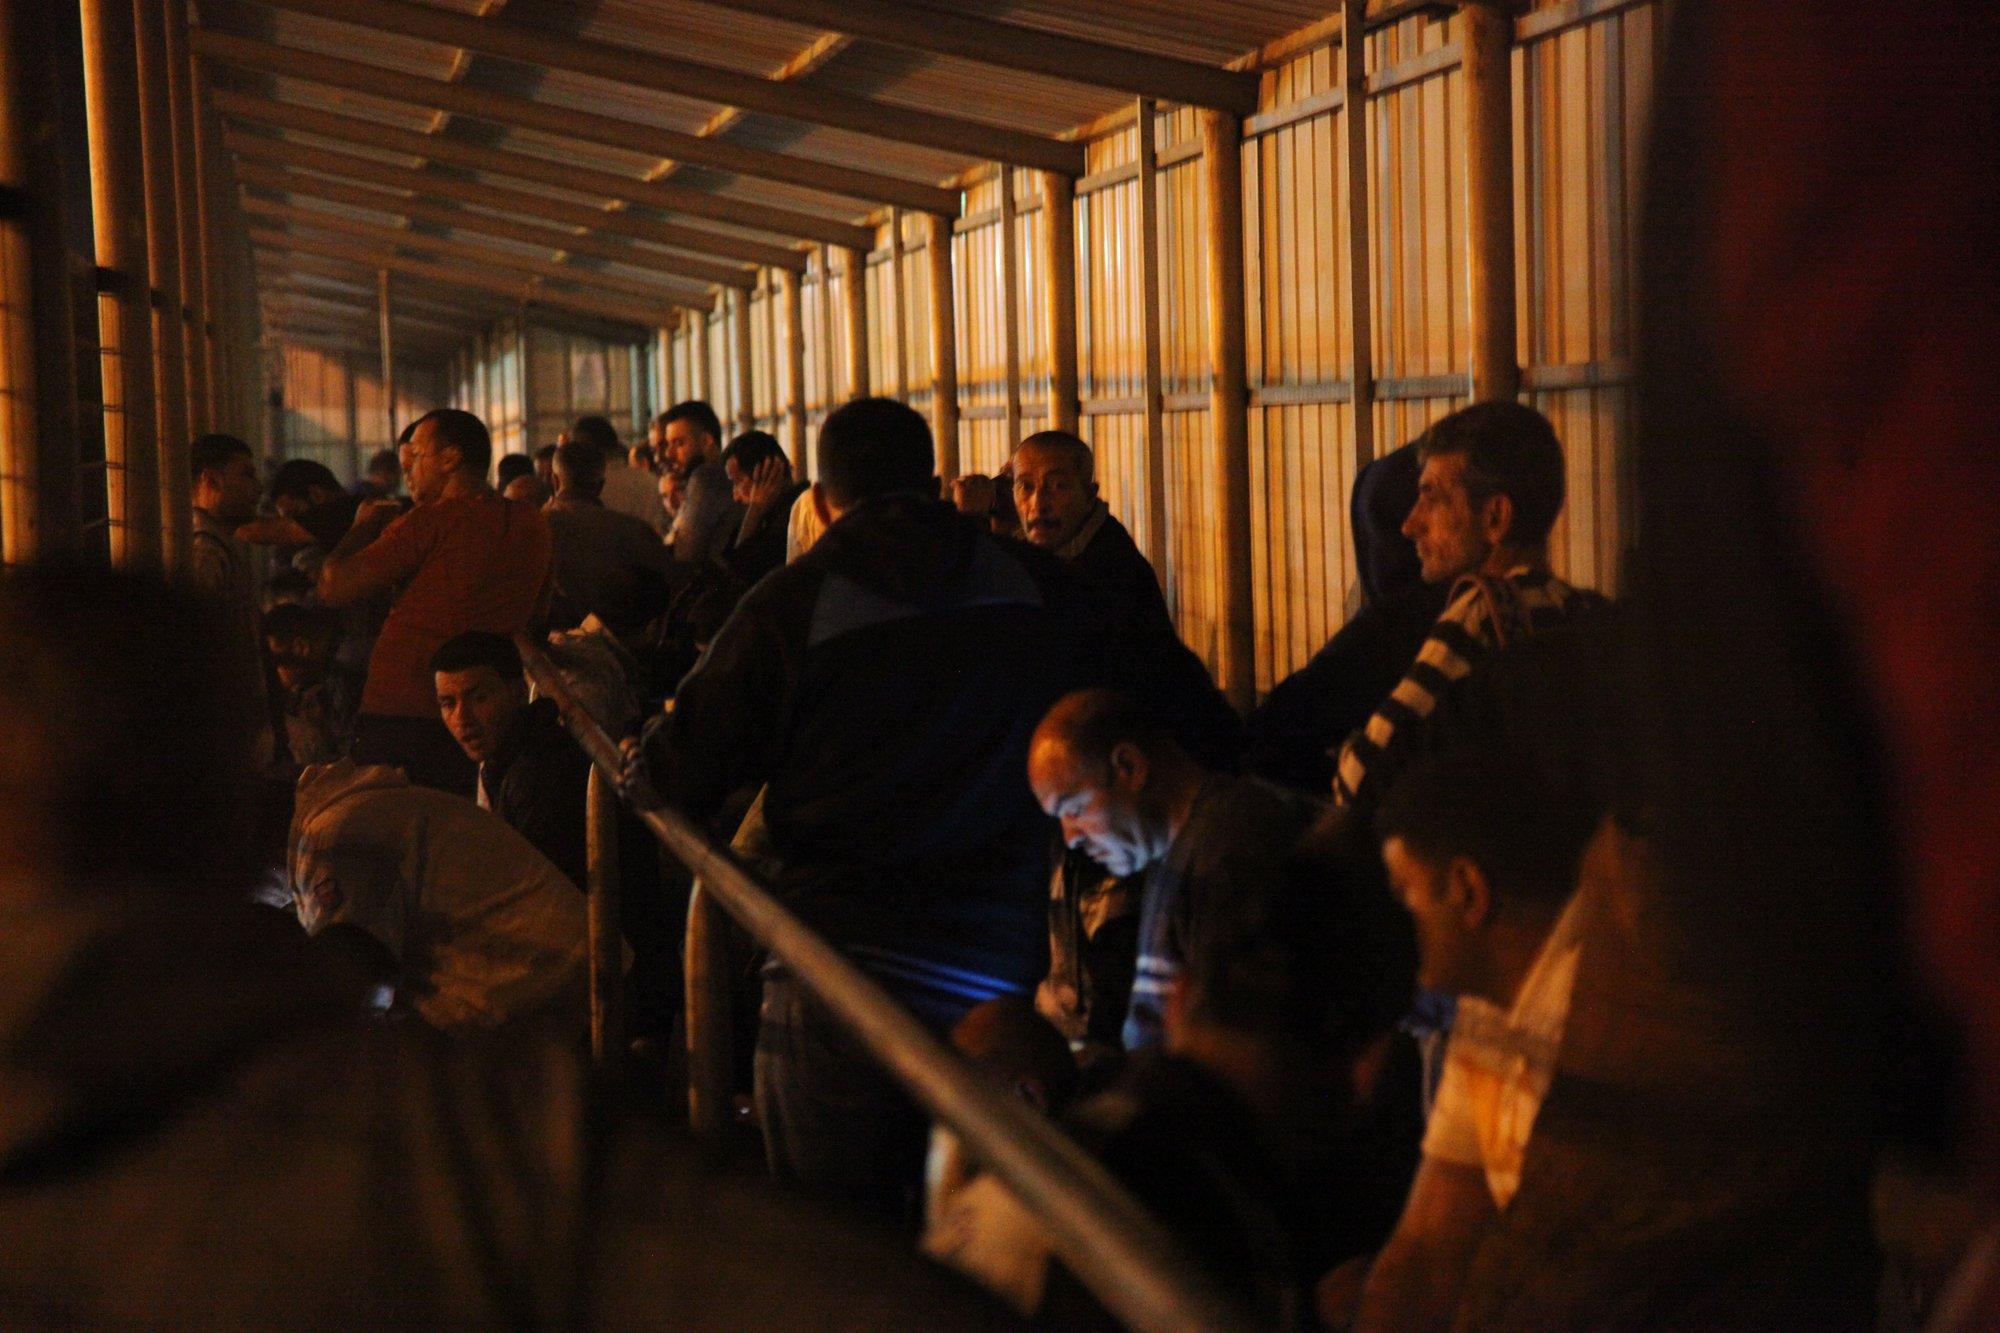 في يوم العمال معبر الذل الفلسطينيين العاملين في إسرائيل